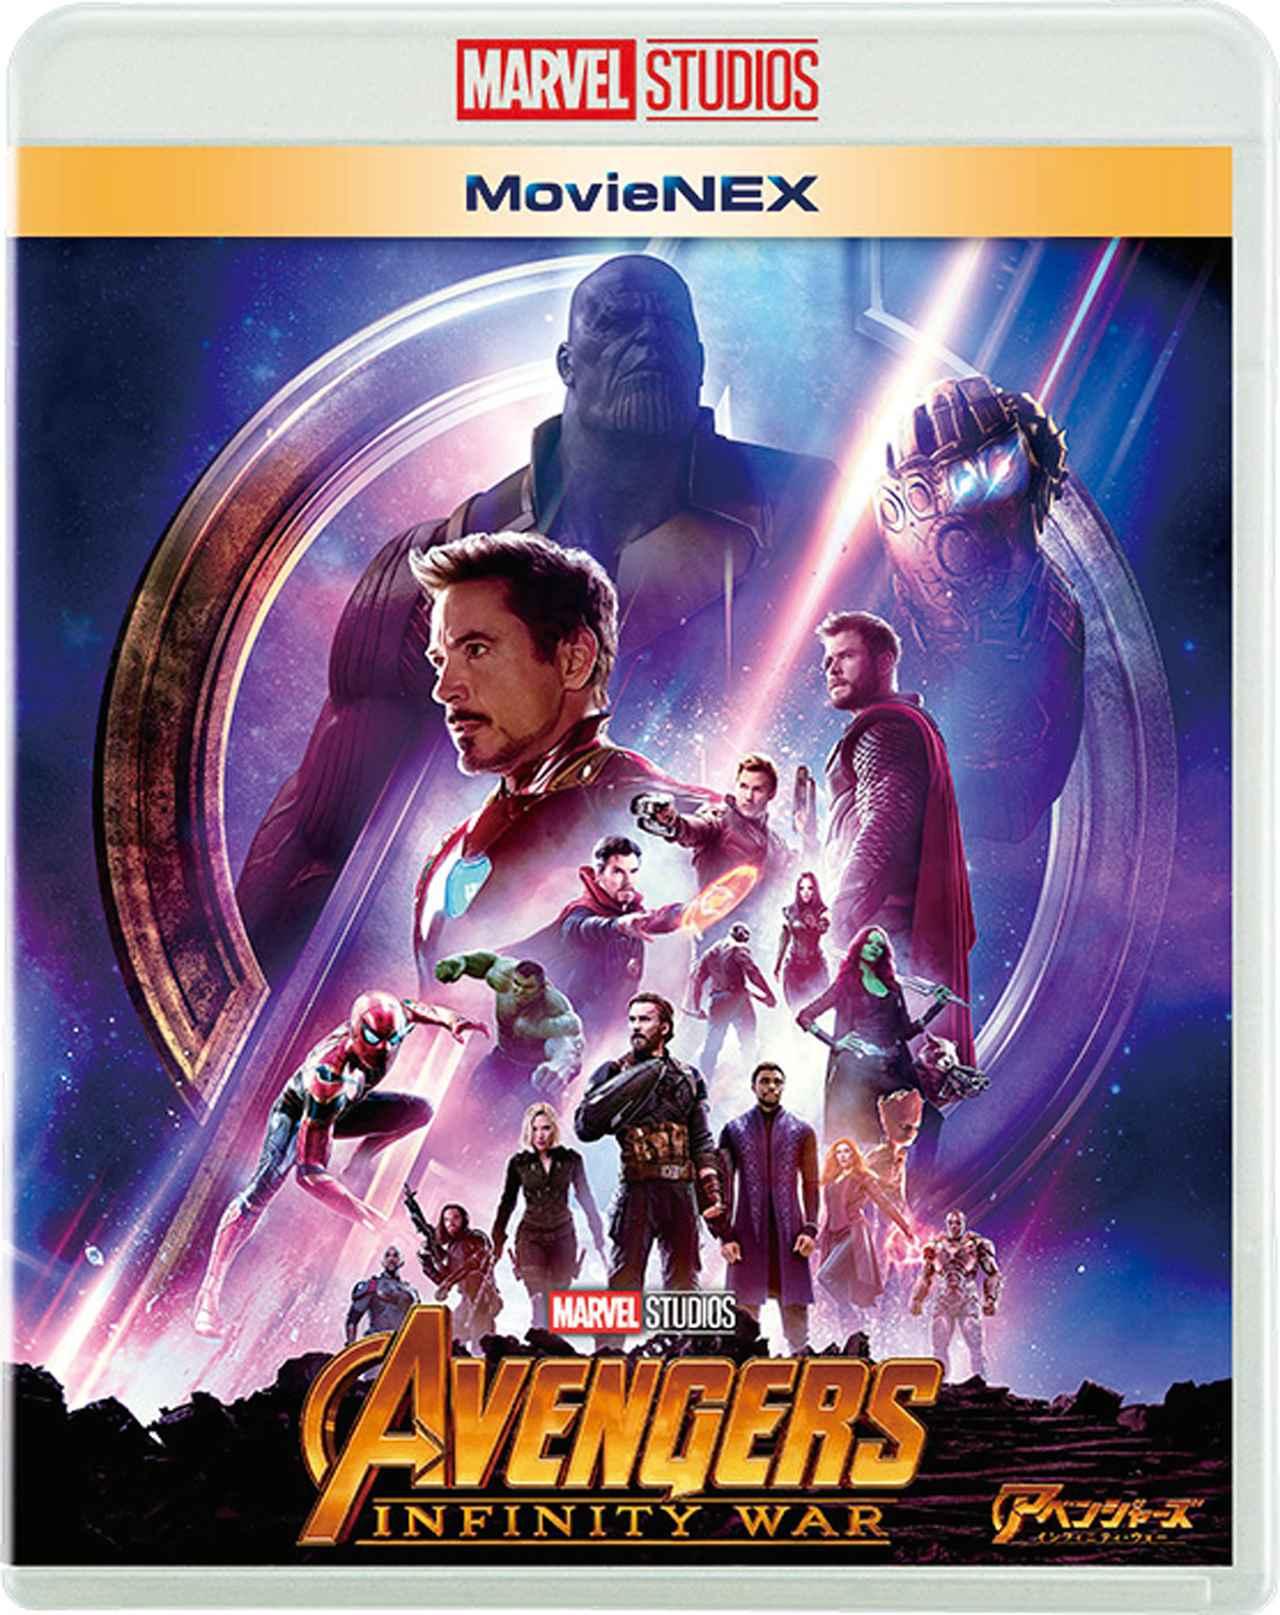 画像: 「アベンジャーズ/インフィニティ・ウォー」MovieNEX ウォルト・ディズニー・ジャパン/2018年9月5日発売、4200円+税(3枚組)、4KUHD MovieNEXは8000円+税(4枚組)、4K UHD MovieNEXプレミアムBOXは10000円+税(4枚組)で同時発売、デジタル先行配信中 特典=MARVEL10th‒THE RISE OF ANAVENGER DISC(初回限定)封入、製作の舞台裏、未公開シーン、NGシーン集、音声解説、MovieNEXワールド